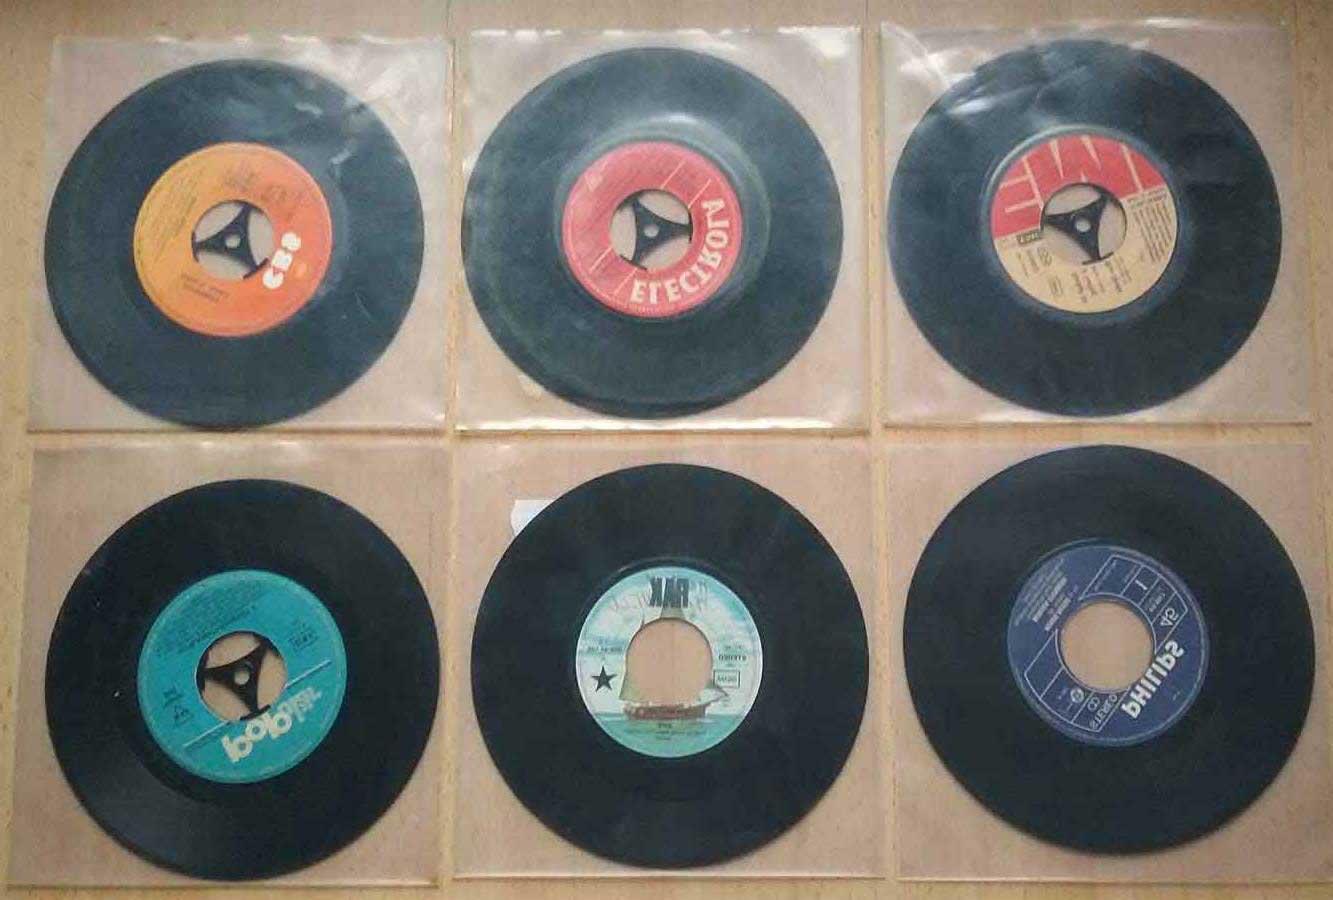 Retro Schallplatten, Singles aus einer Jukebox